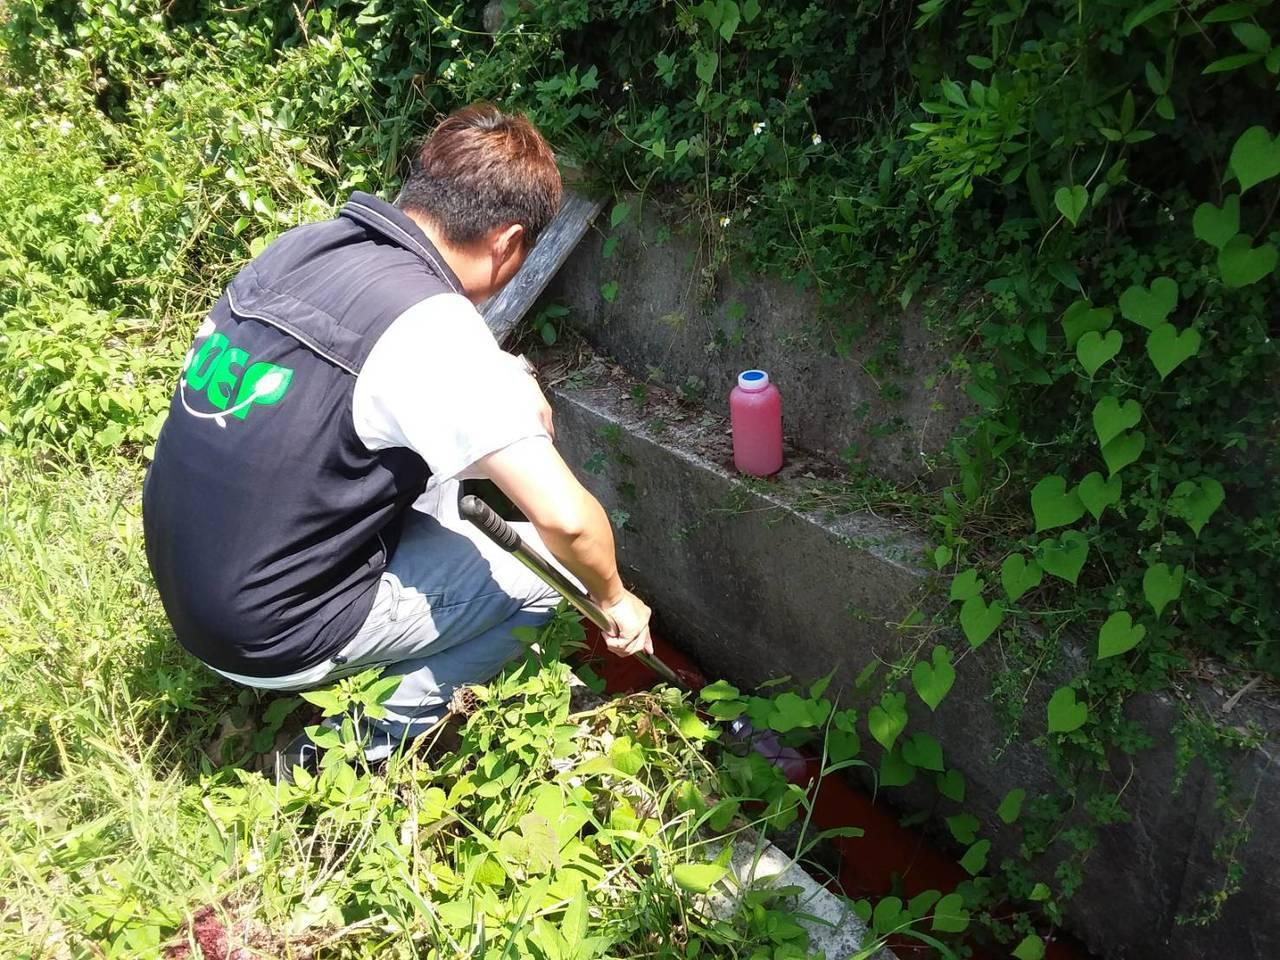 小孩打翻染鍋 香鋪染紅大坡溪 桃園環保局開罰